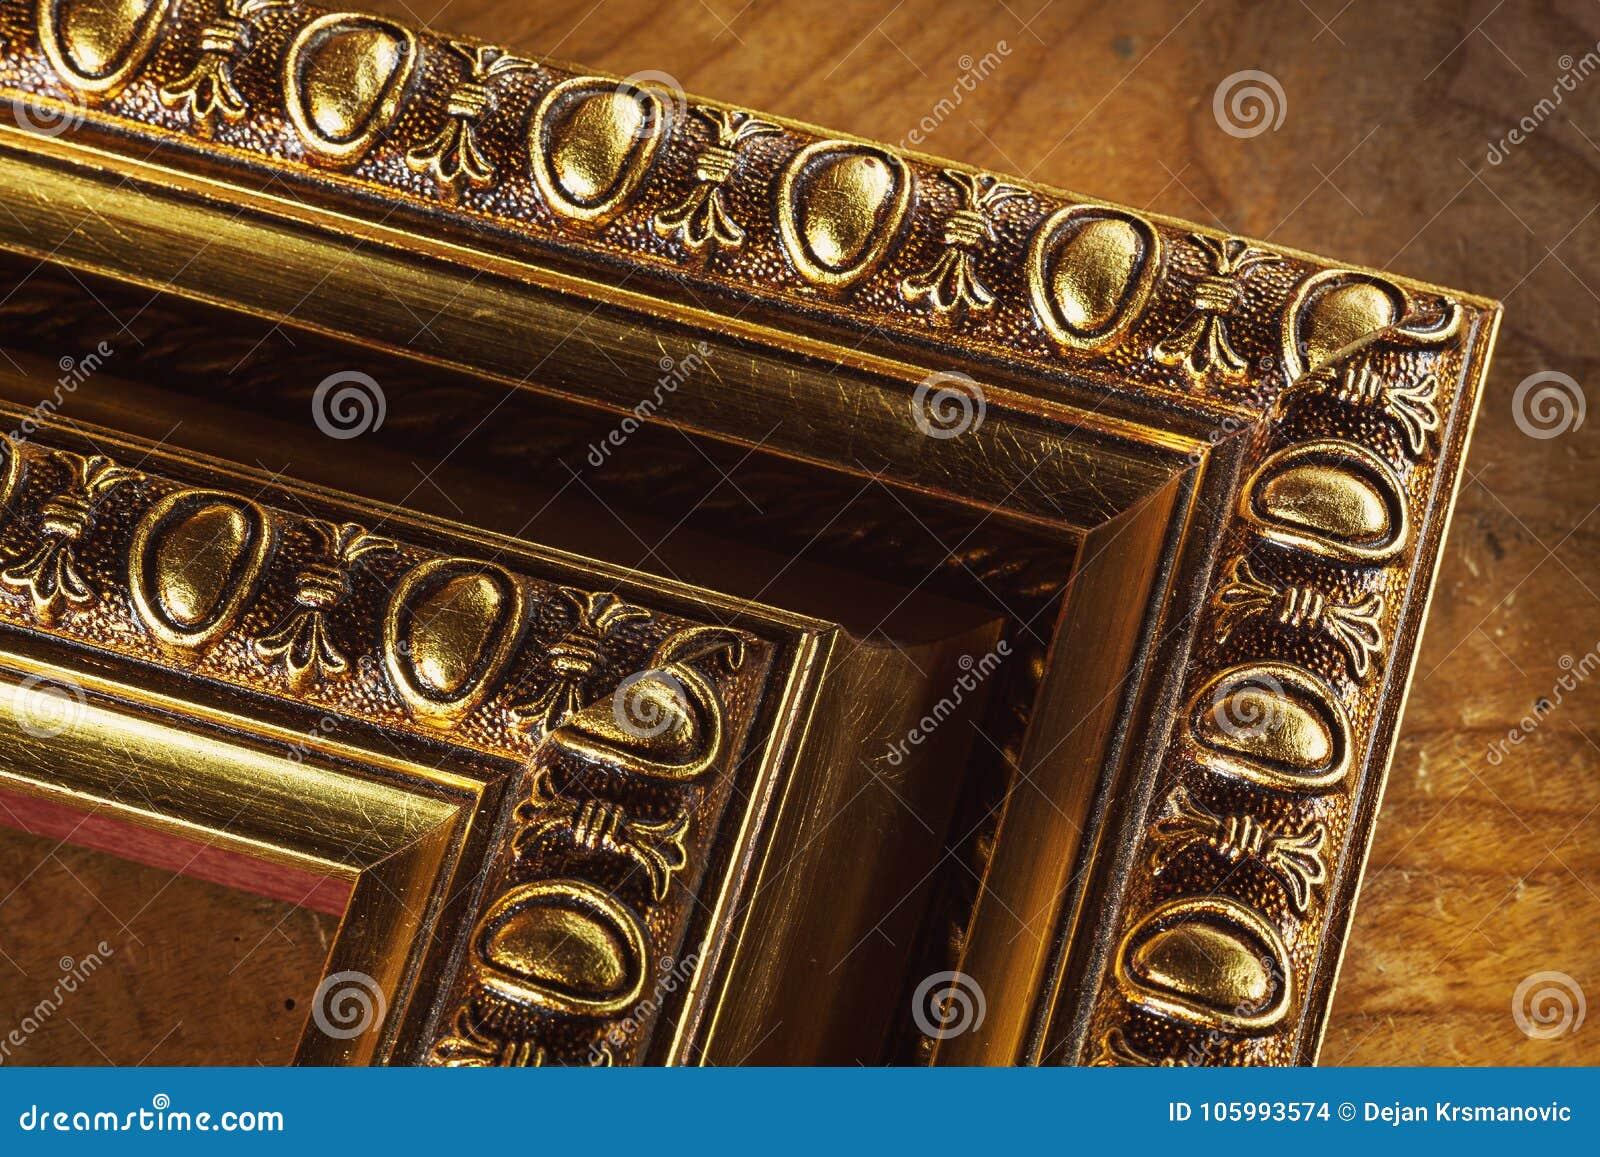 Marcos Decorativos De Madera Para Las Imágenes Foto de archivo ...